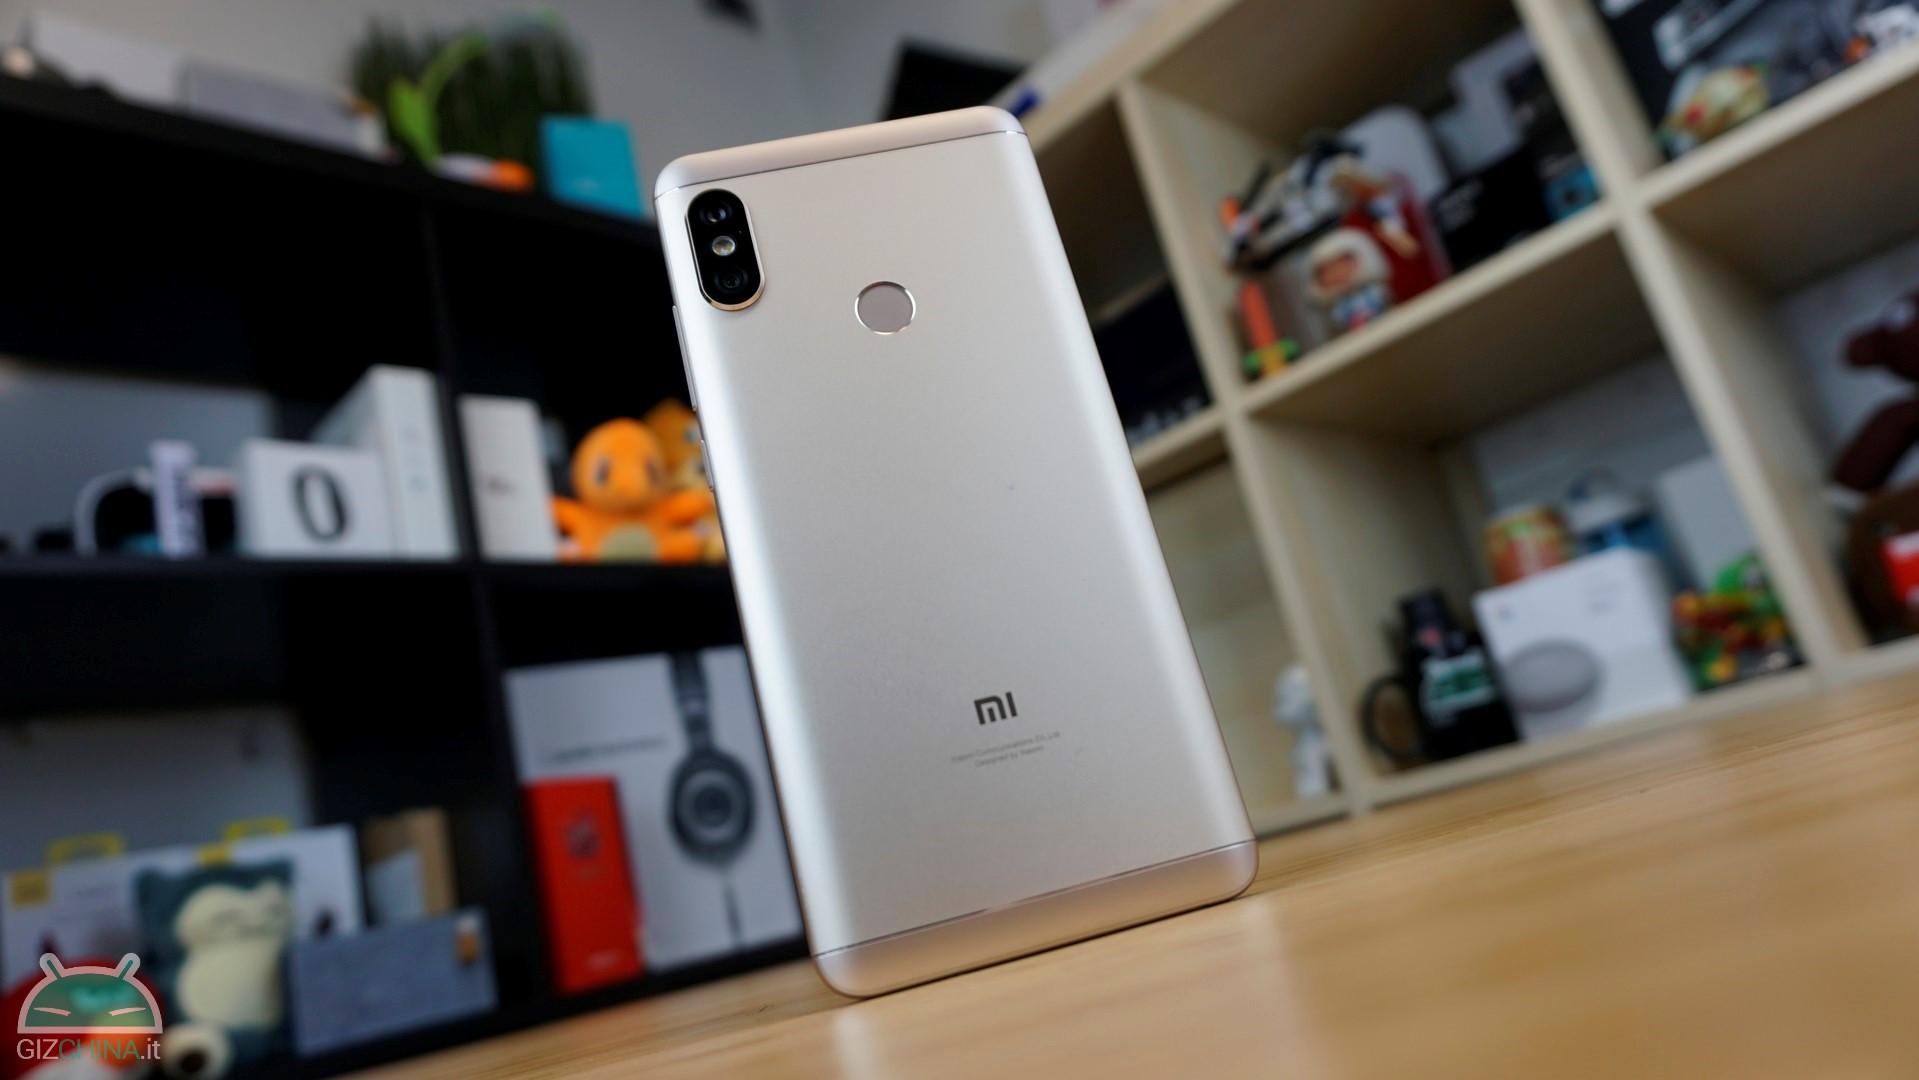 Xiaomi Redmi Note 5 4/64 GB - Banggood